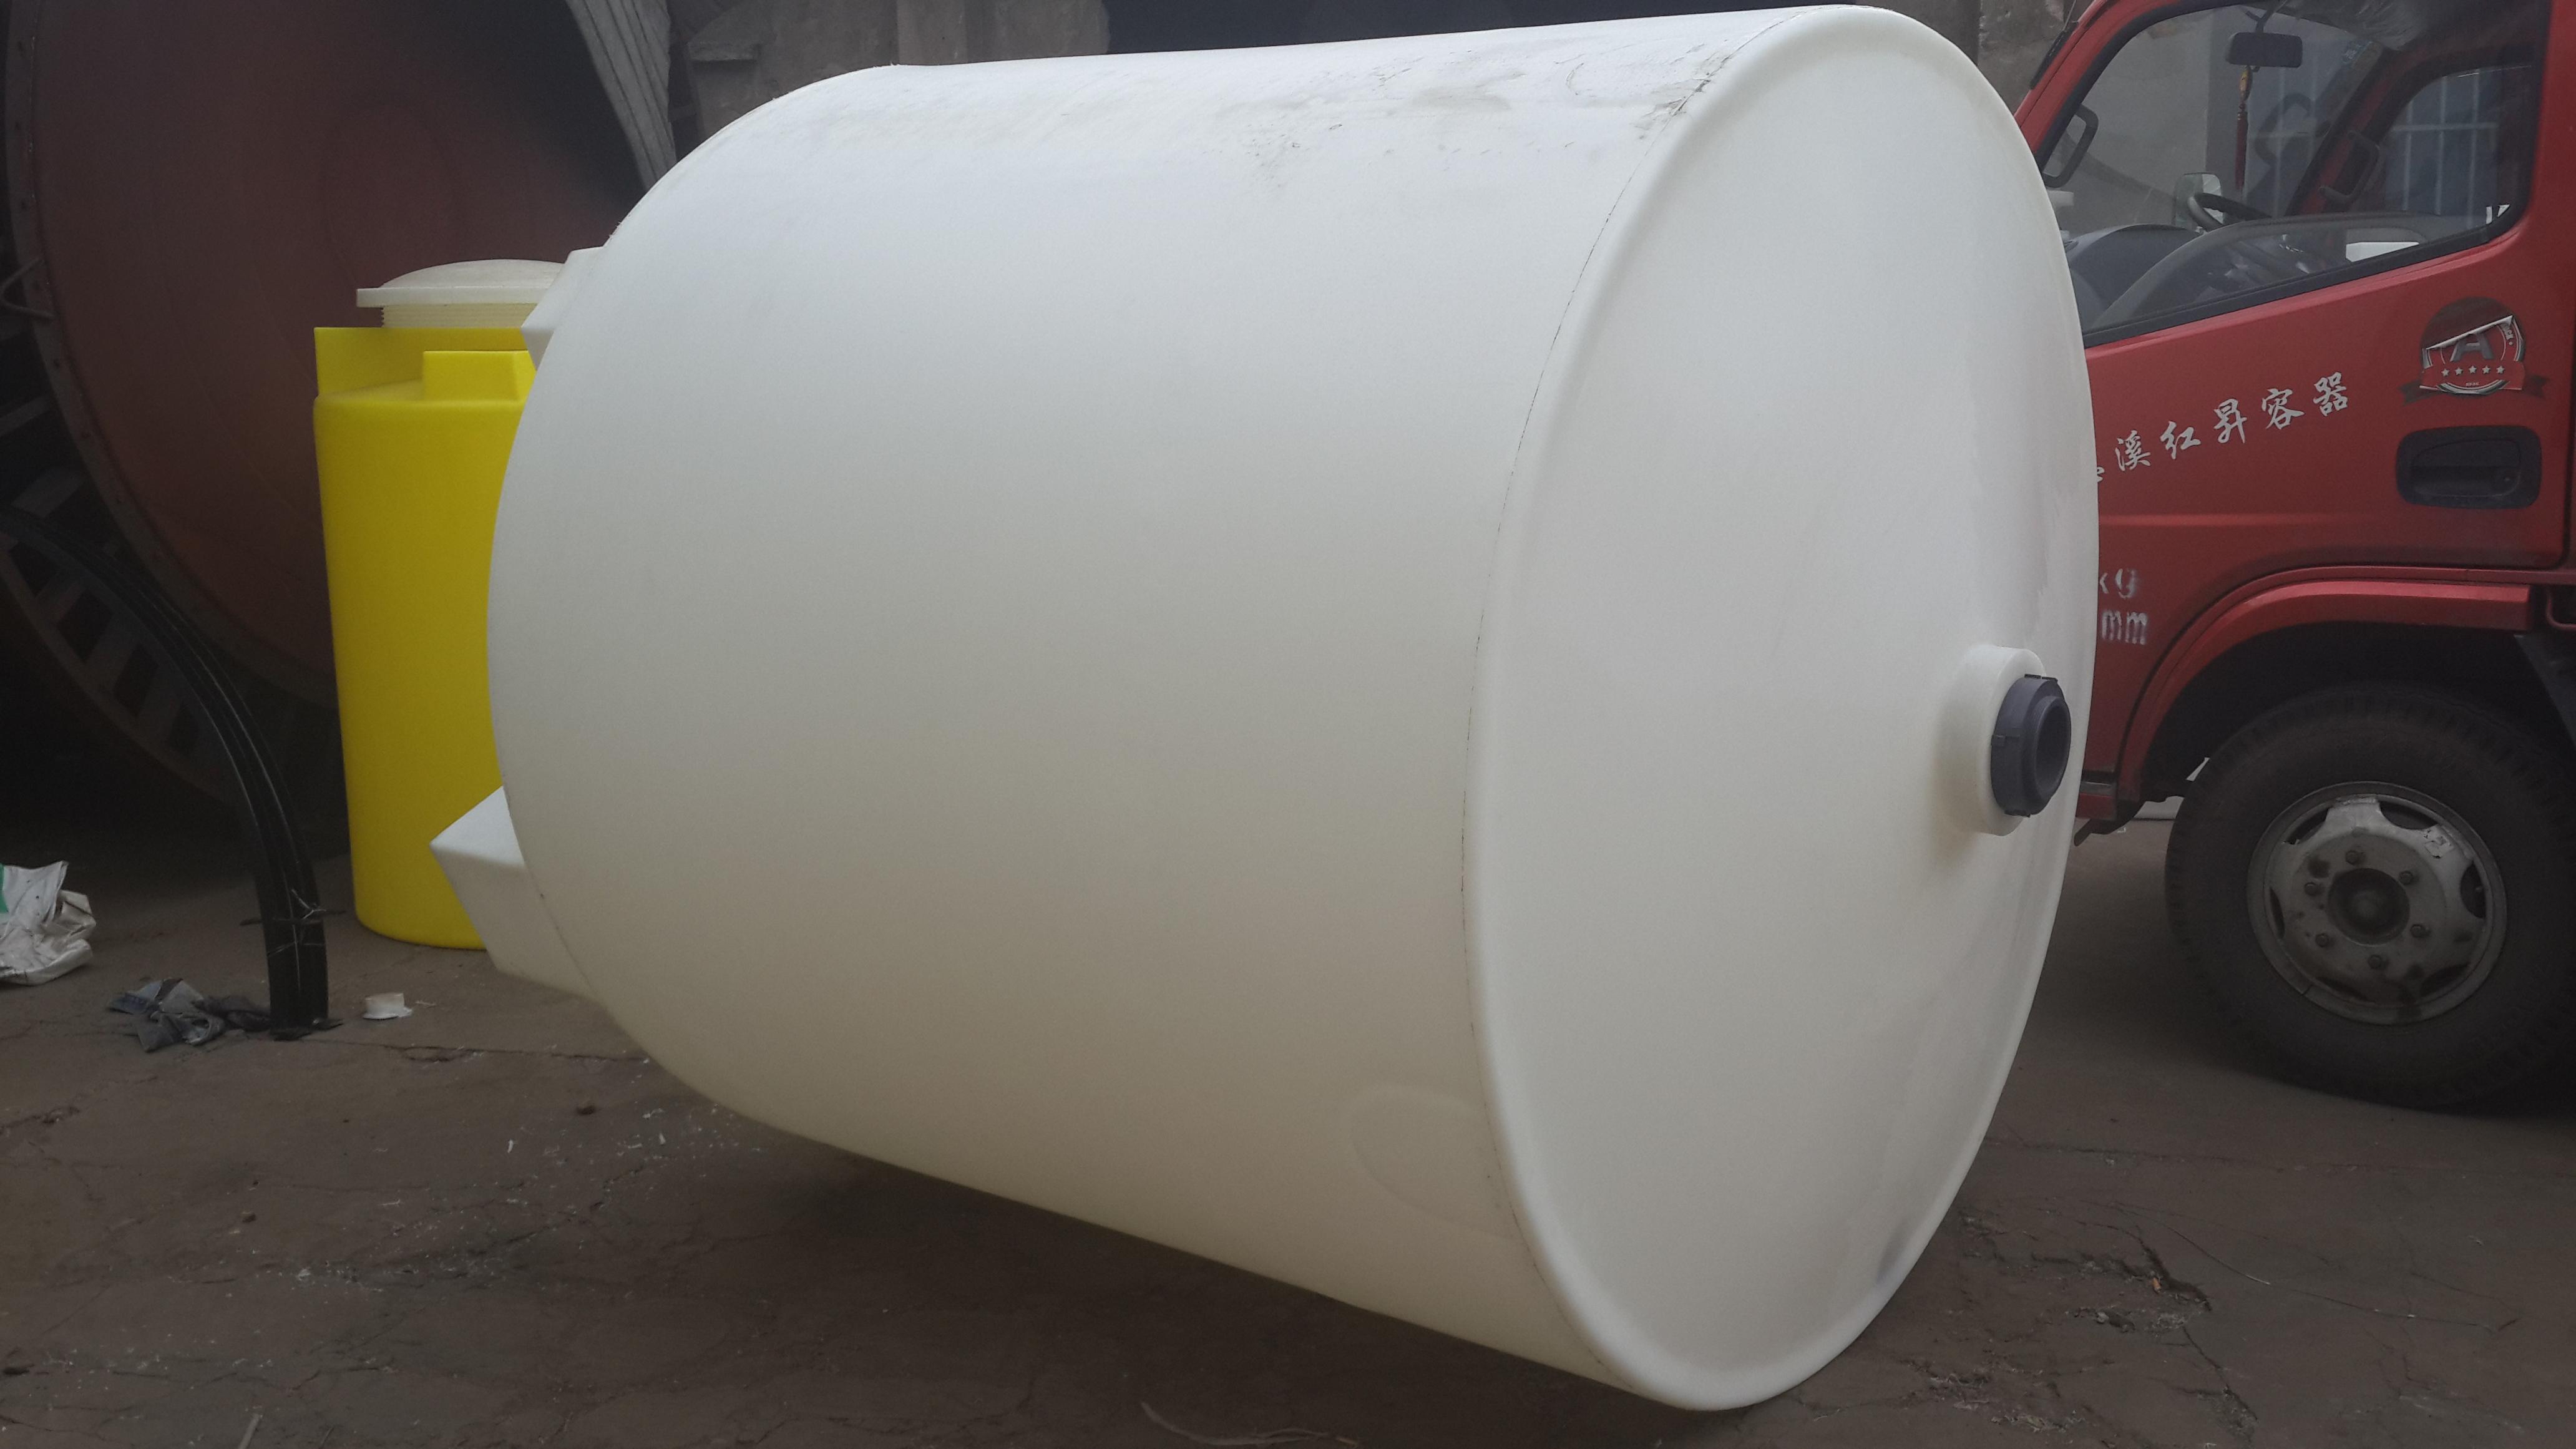 Das Fass MIT korrosionsschutz - beimischung von 1 tonne 1,5 tonnen - 2 - tonnen - anti - aging - MEDIZIN - Box 3 t 5 tonnen der säure - basen - widerstand gerührt.